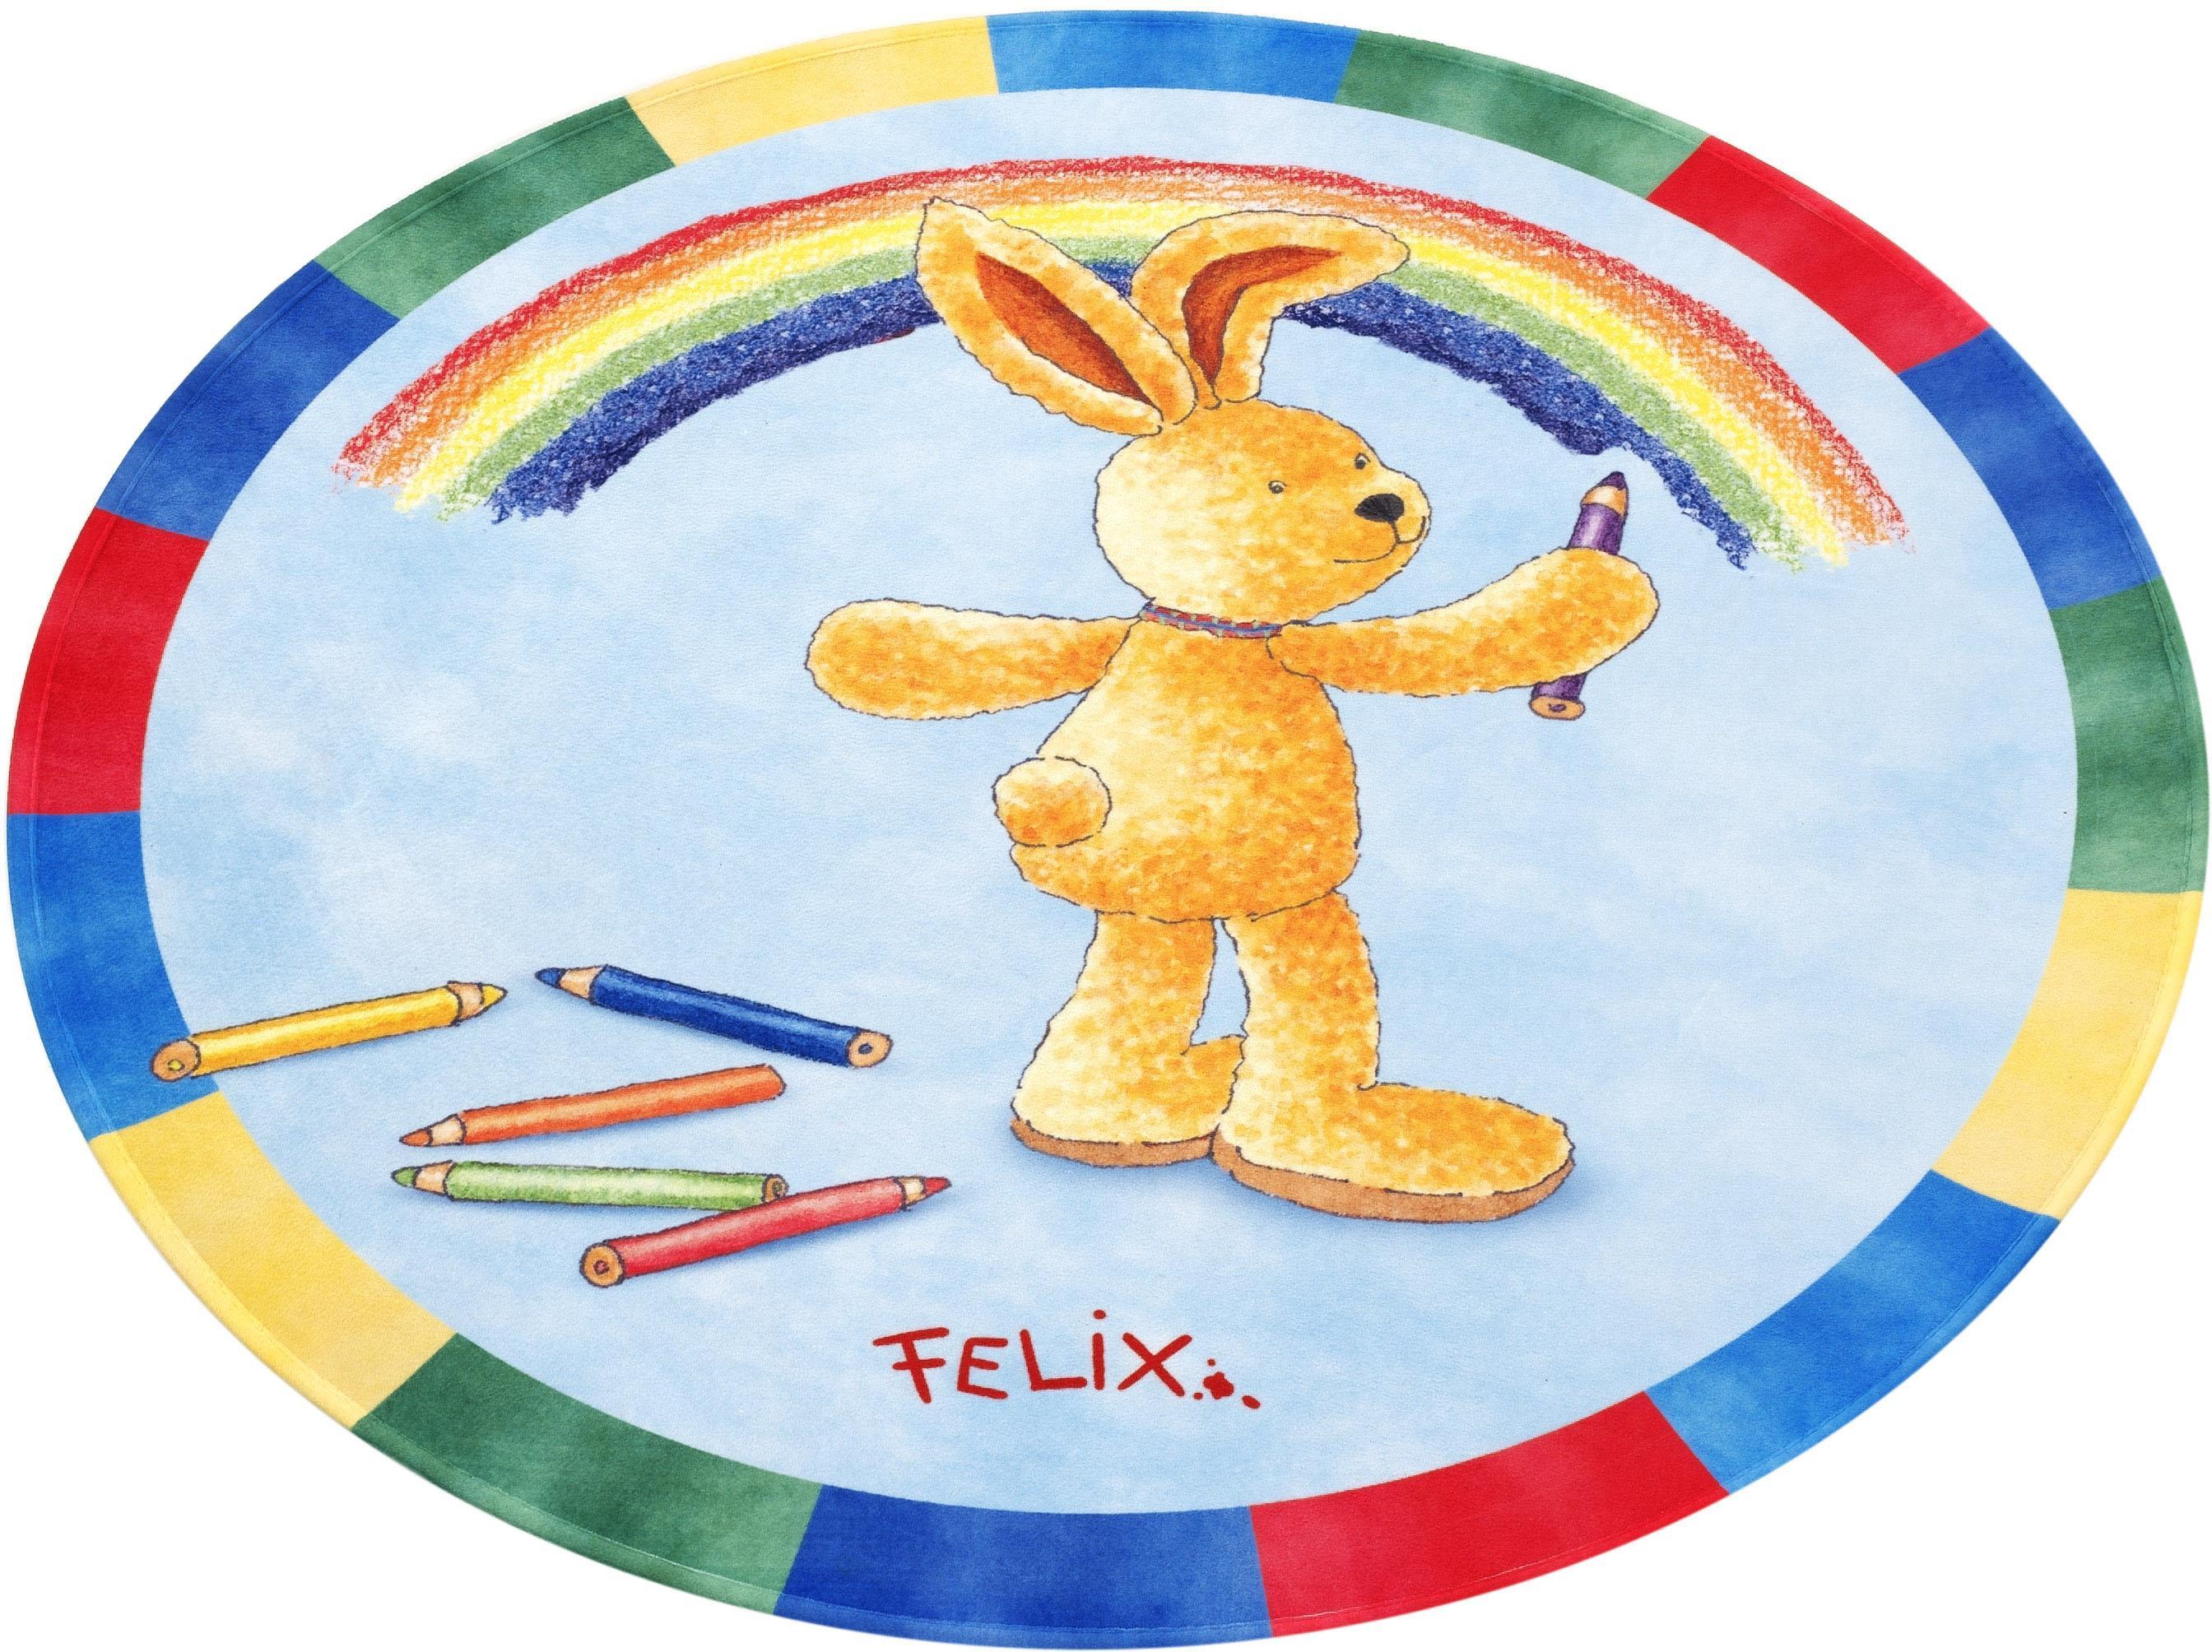 Image of Kinderteppich, »FE-412«, Felix der Hase, rund, Höhe 6 mm, gedruckt